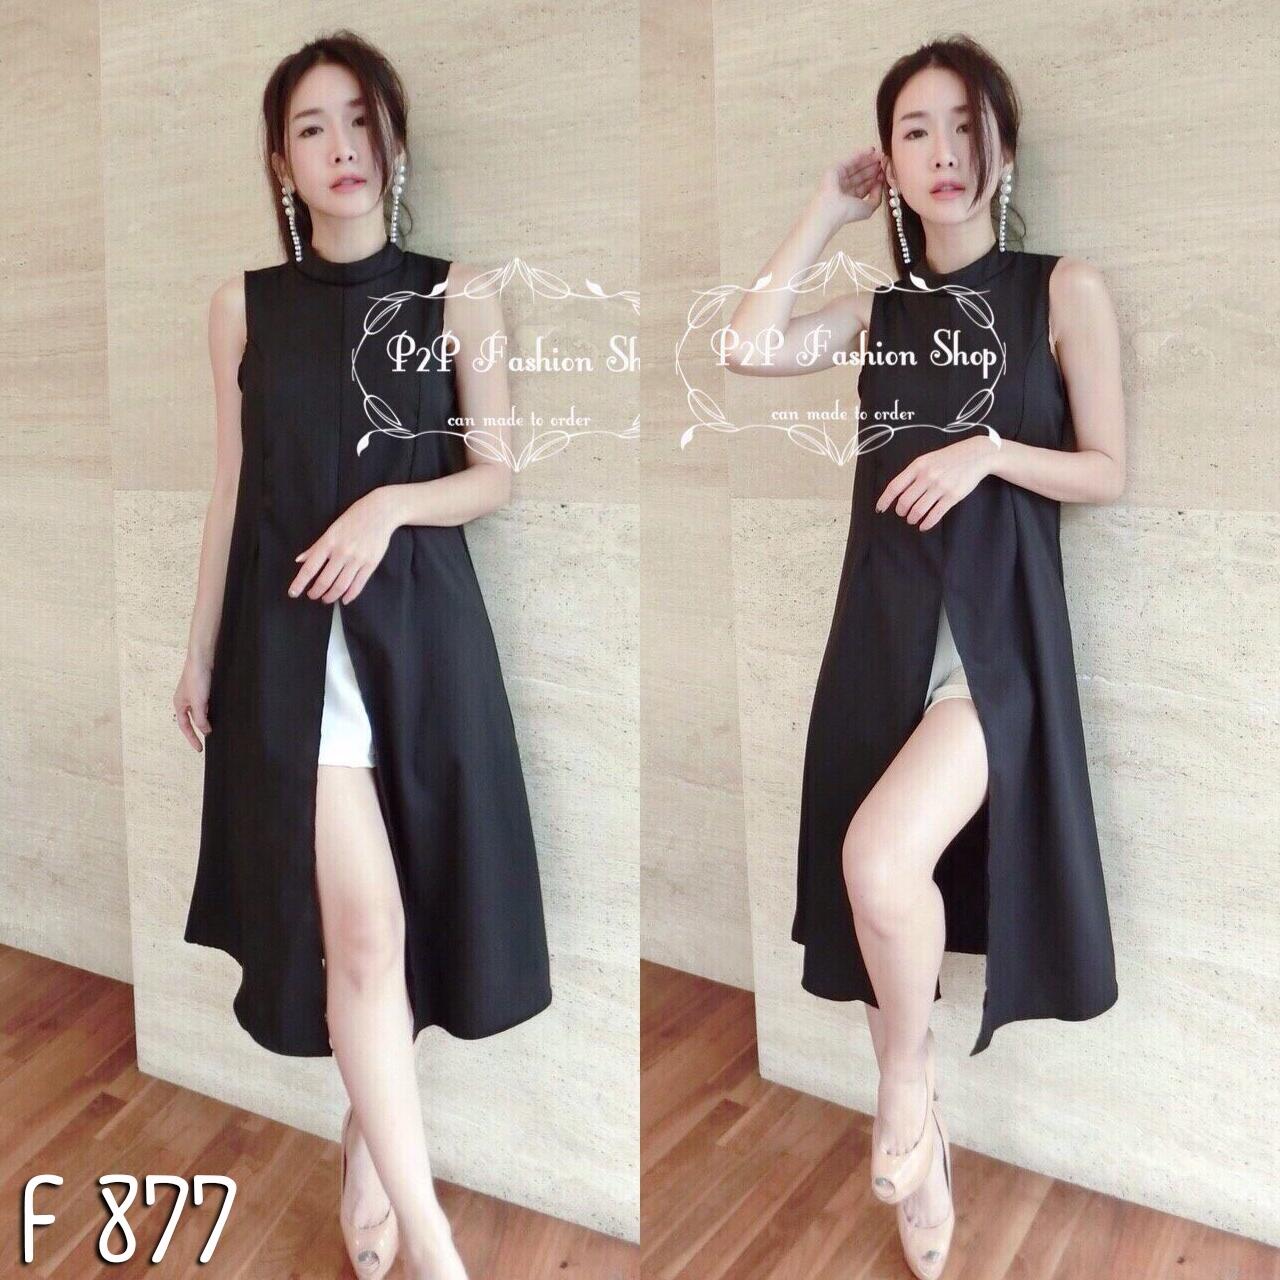 เซ็ตเสื้อคอจีนแหวกหน้า+กางเกง-สีดำ